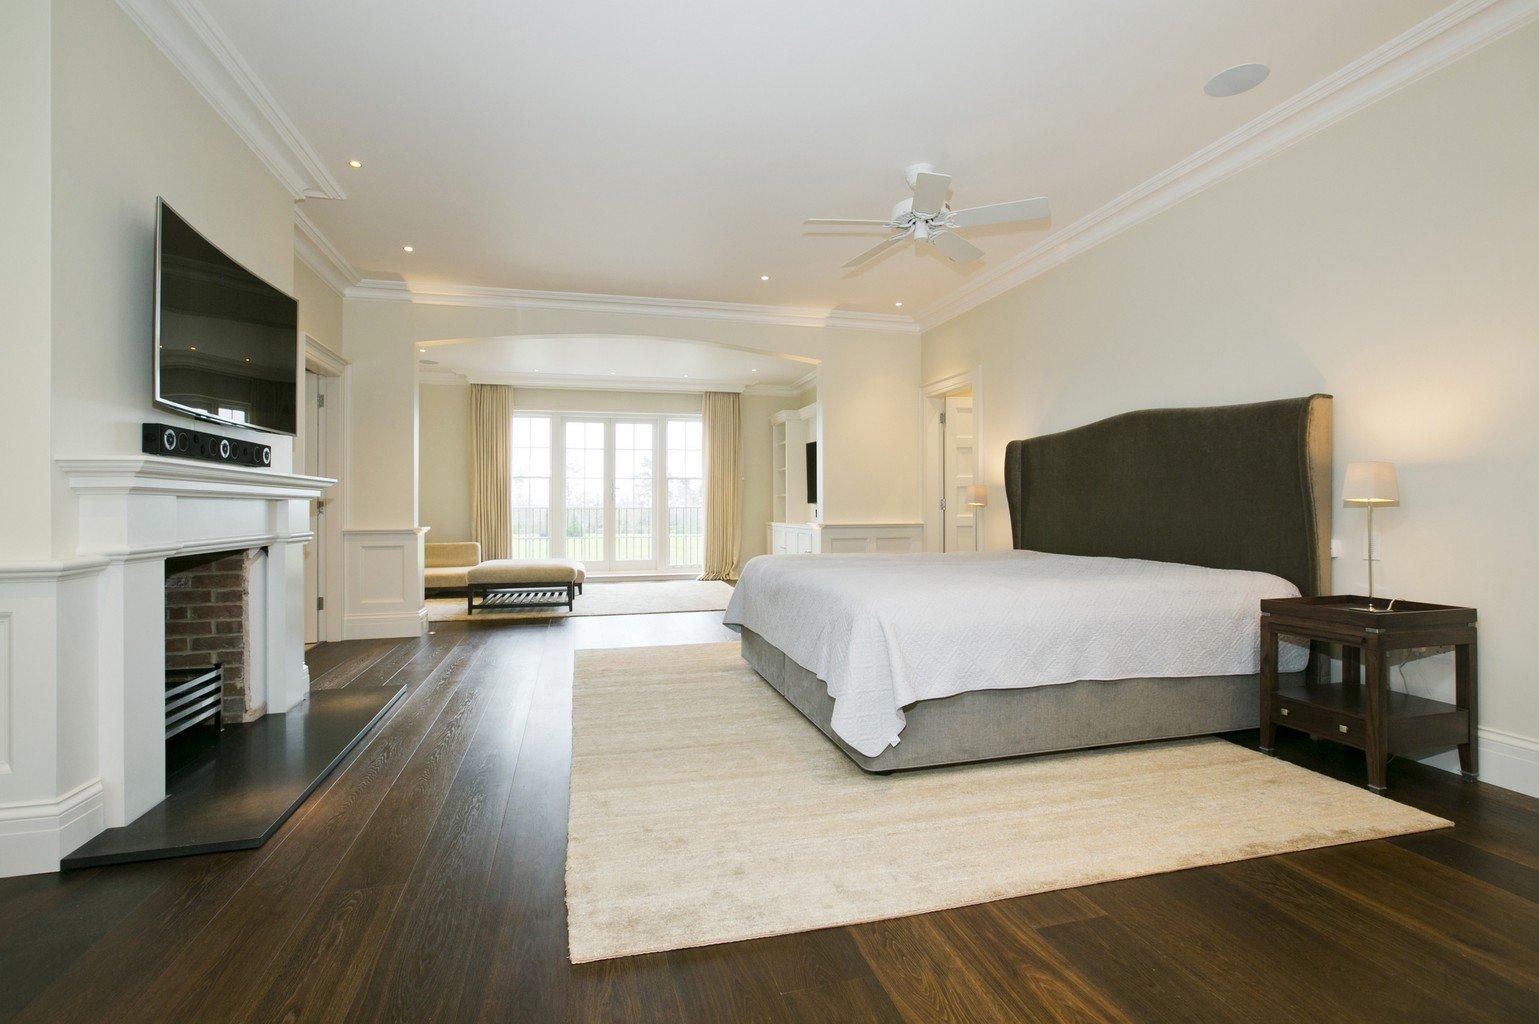 luxury wood flooring in master bedroom